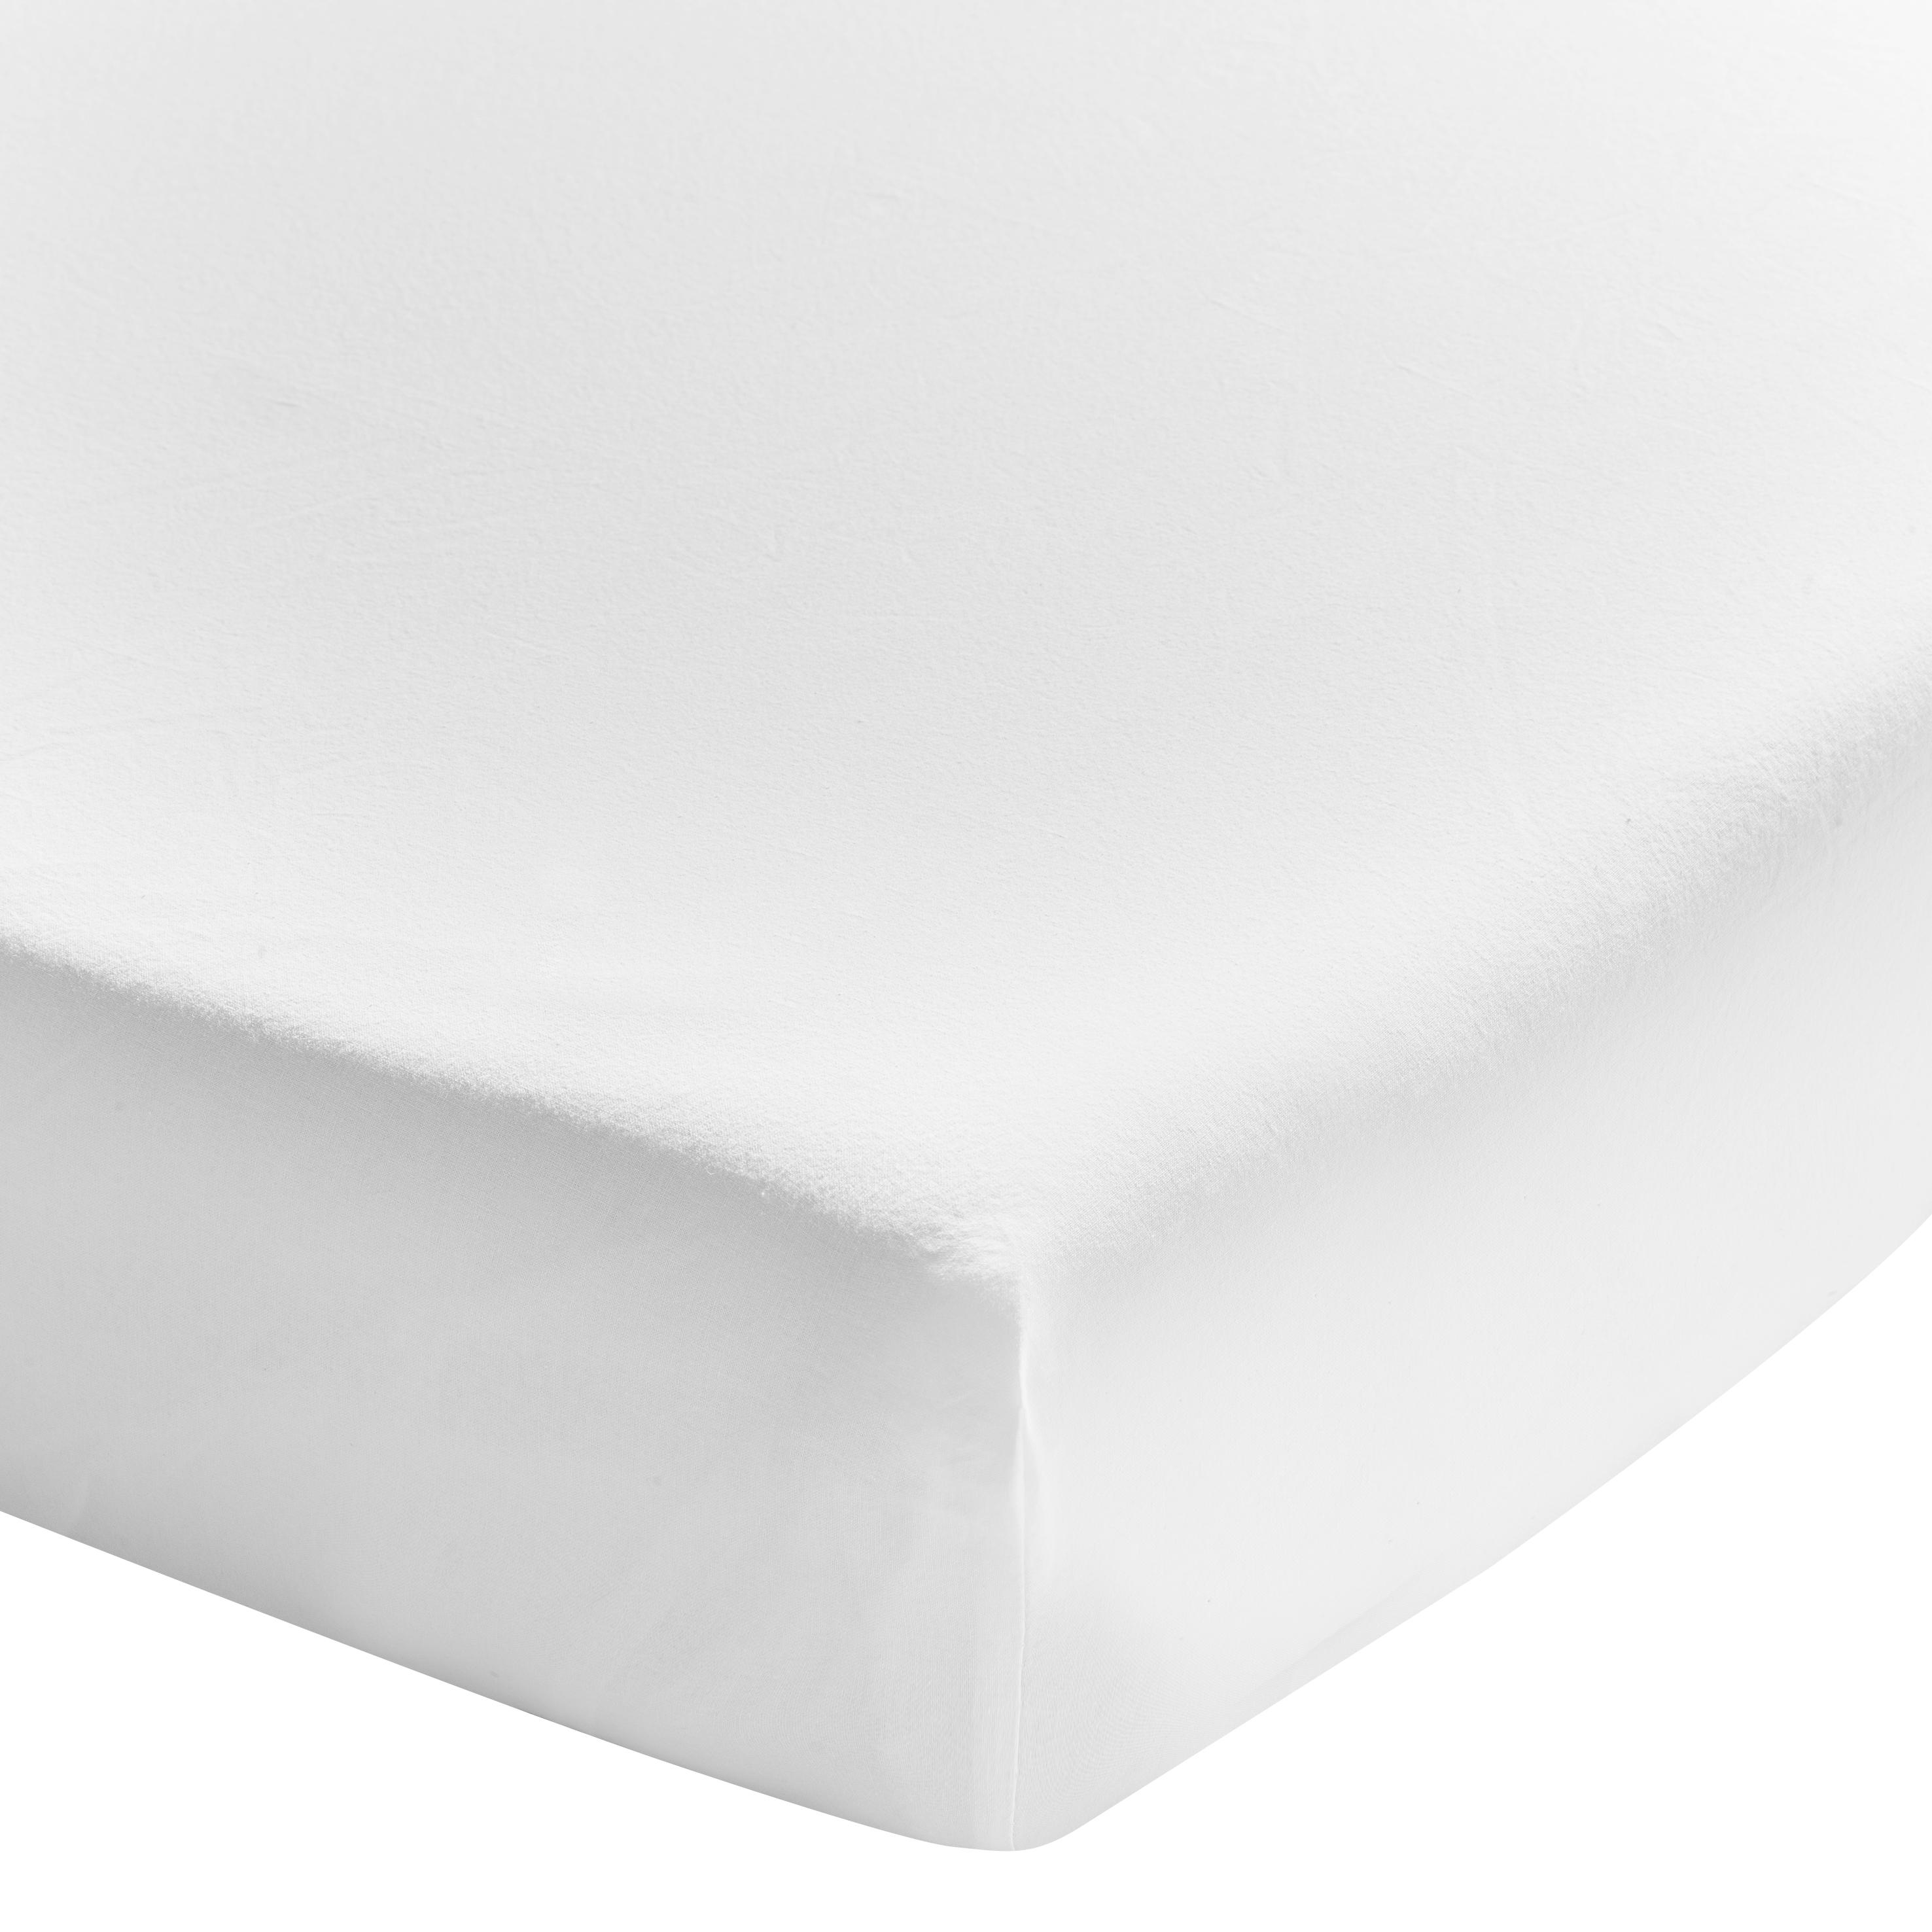 Drap housse uni en coton lavé blanc 90x200